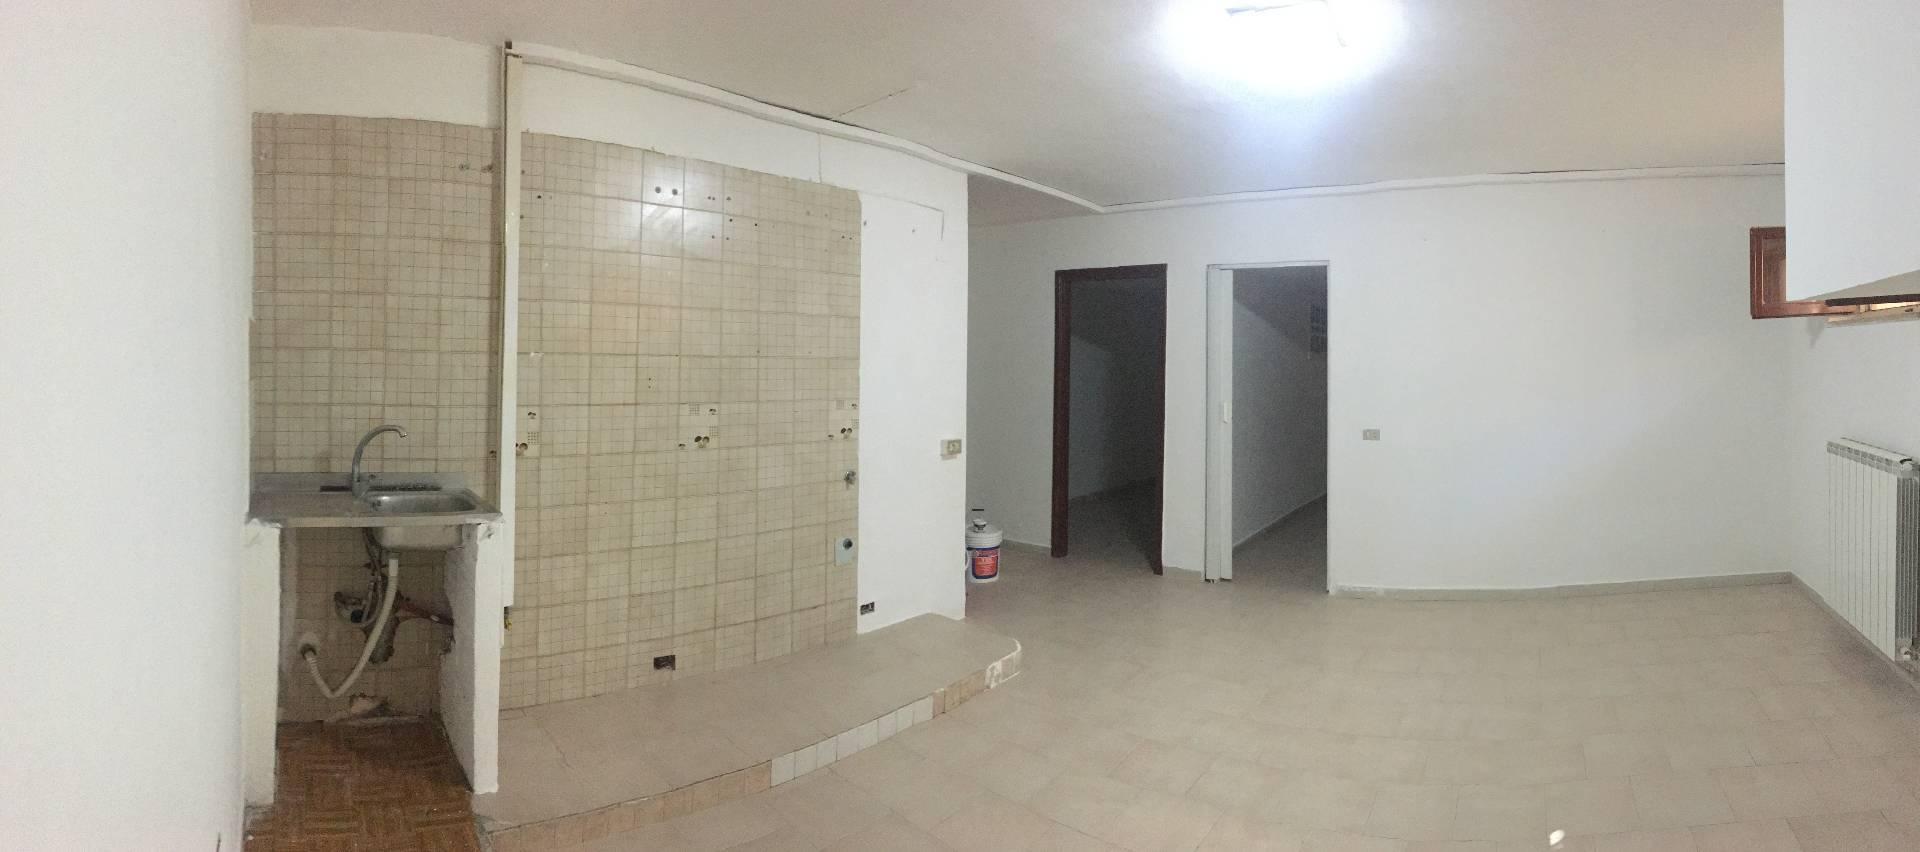 Appartamento in vendita a Borgia, 3 locali, zona Zona: Roccelletta, prezzo € 50.000 | CambioCasa.it